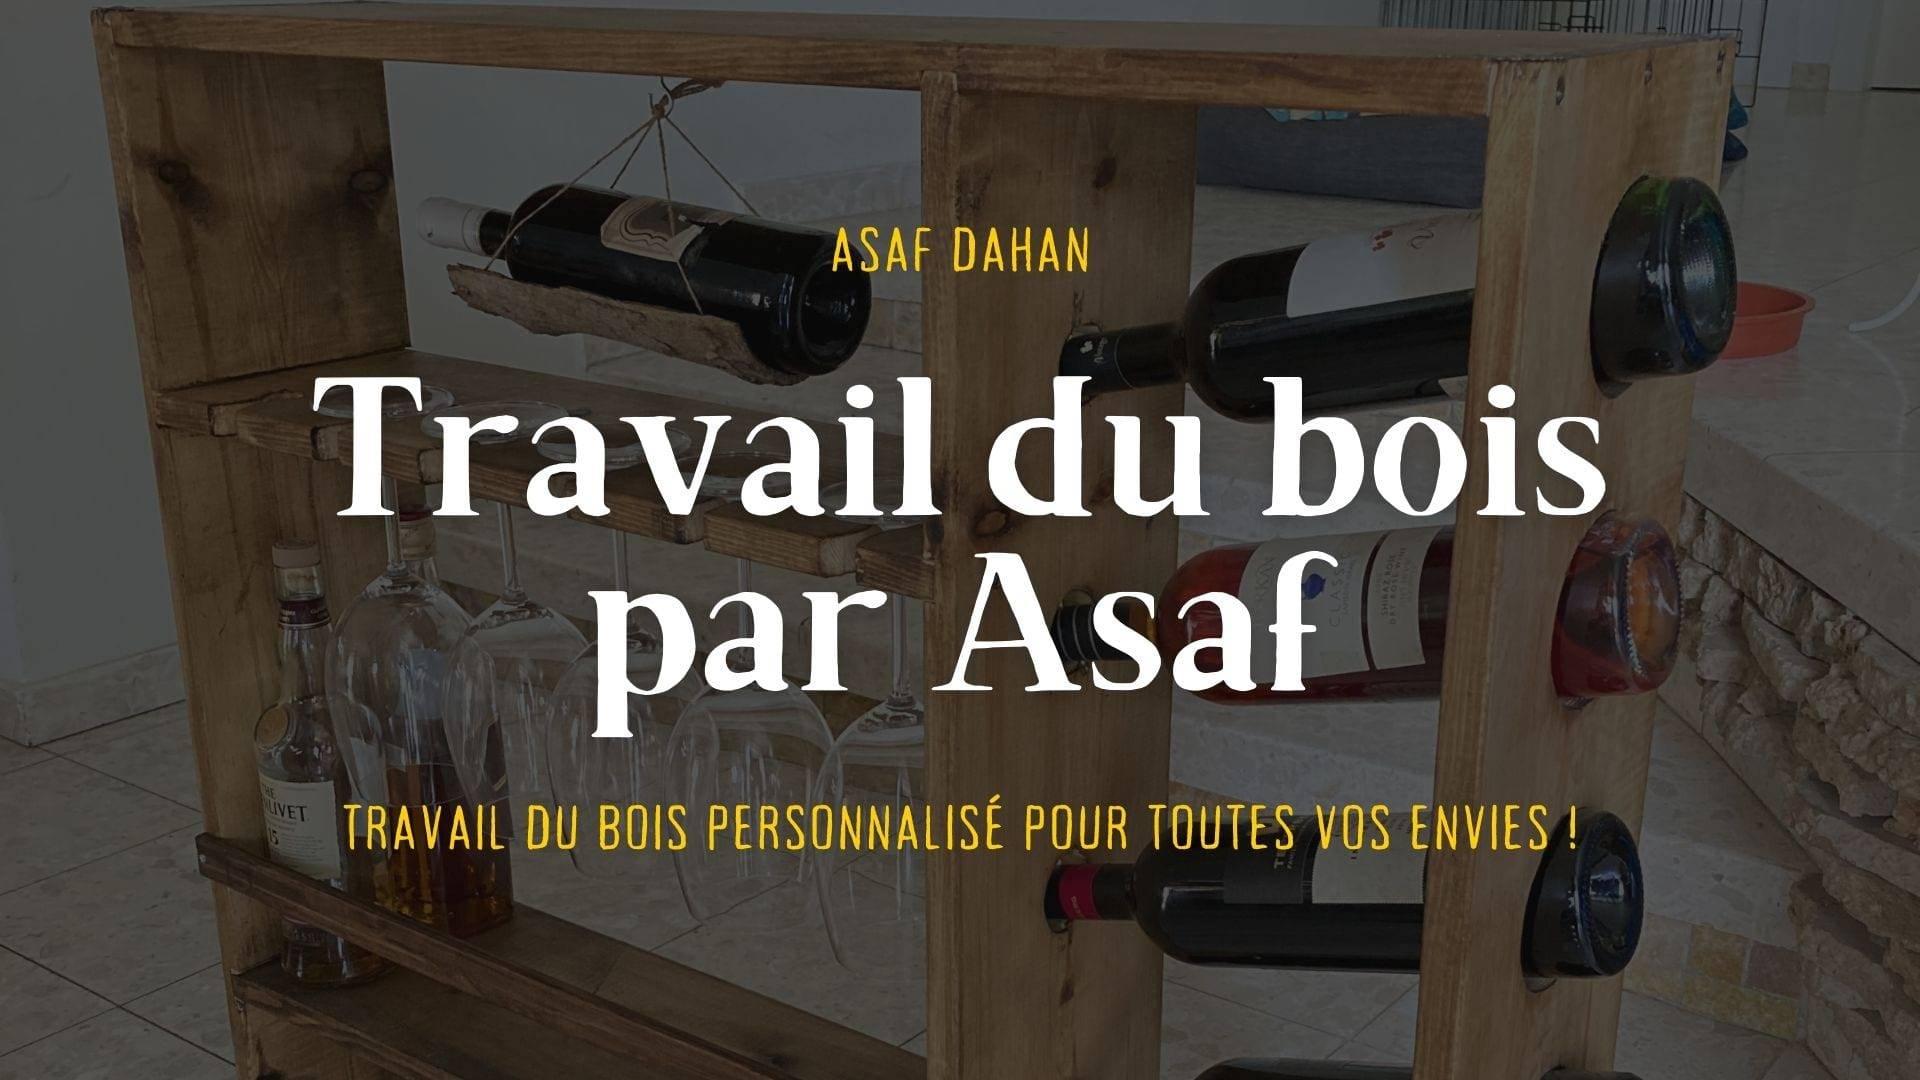 Travail du bois personnalisé pour toutes vos envies ! Par Asaf, 25 ans.